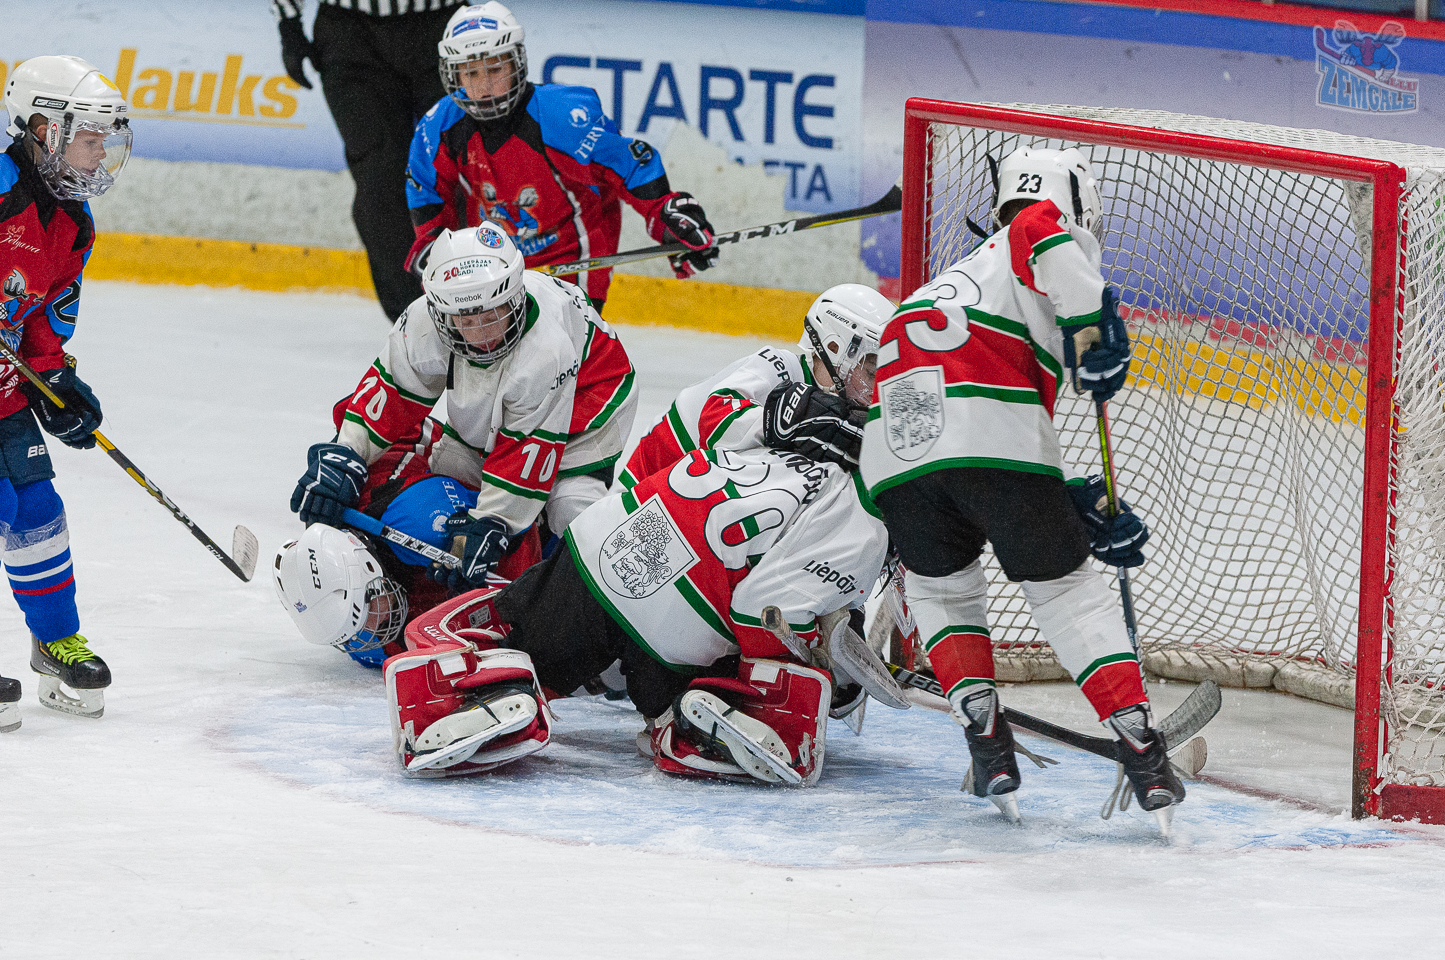 Jelgavas hokeja skola JLSS U11 A - Liepāja SSS 2010 LBJČH 13102019-16